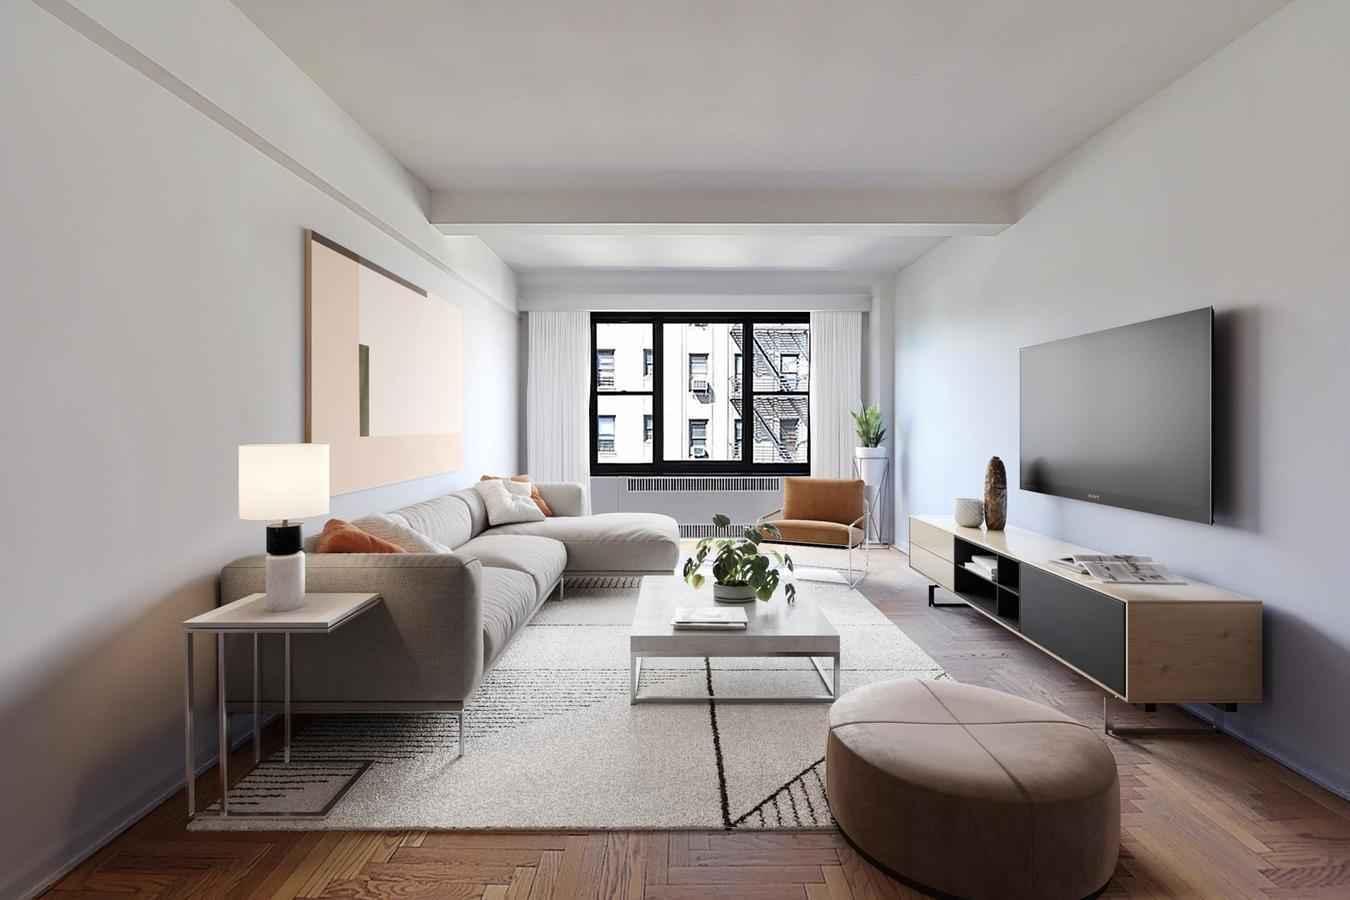 Apartment for sale at 77 Park Terrace East, Apt D-46/47